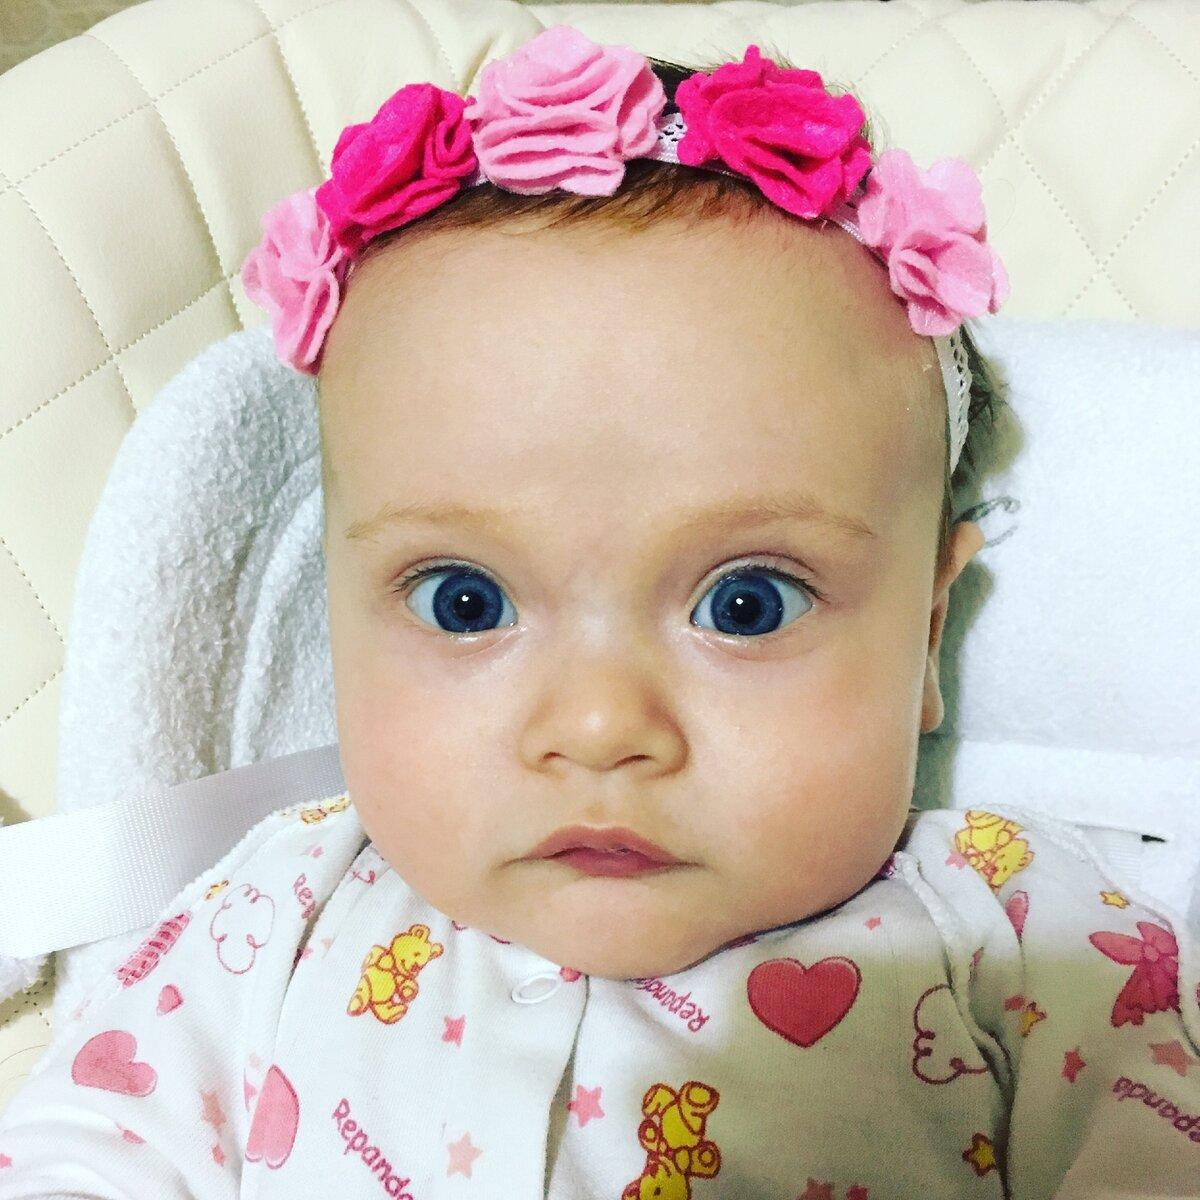 В моем представлении ребенок всегда должен быть примерно таким :) Фото мое